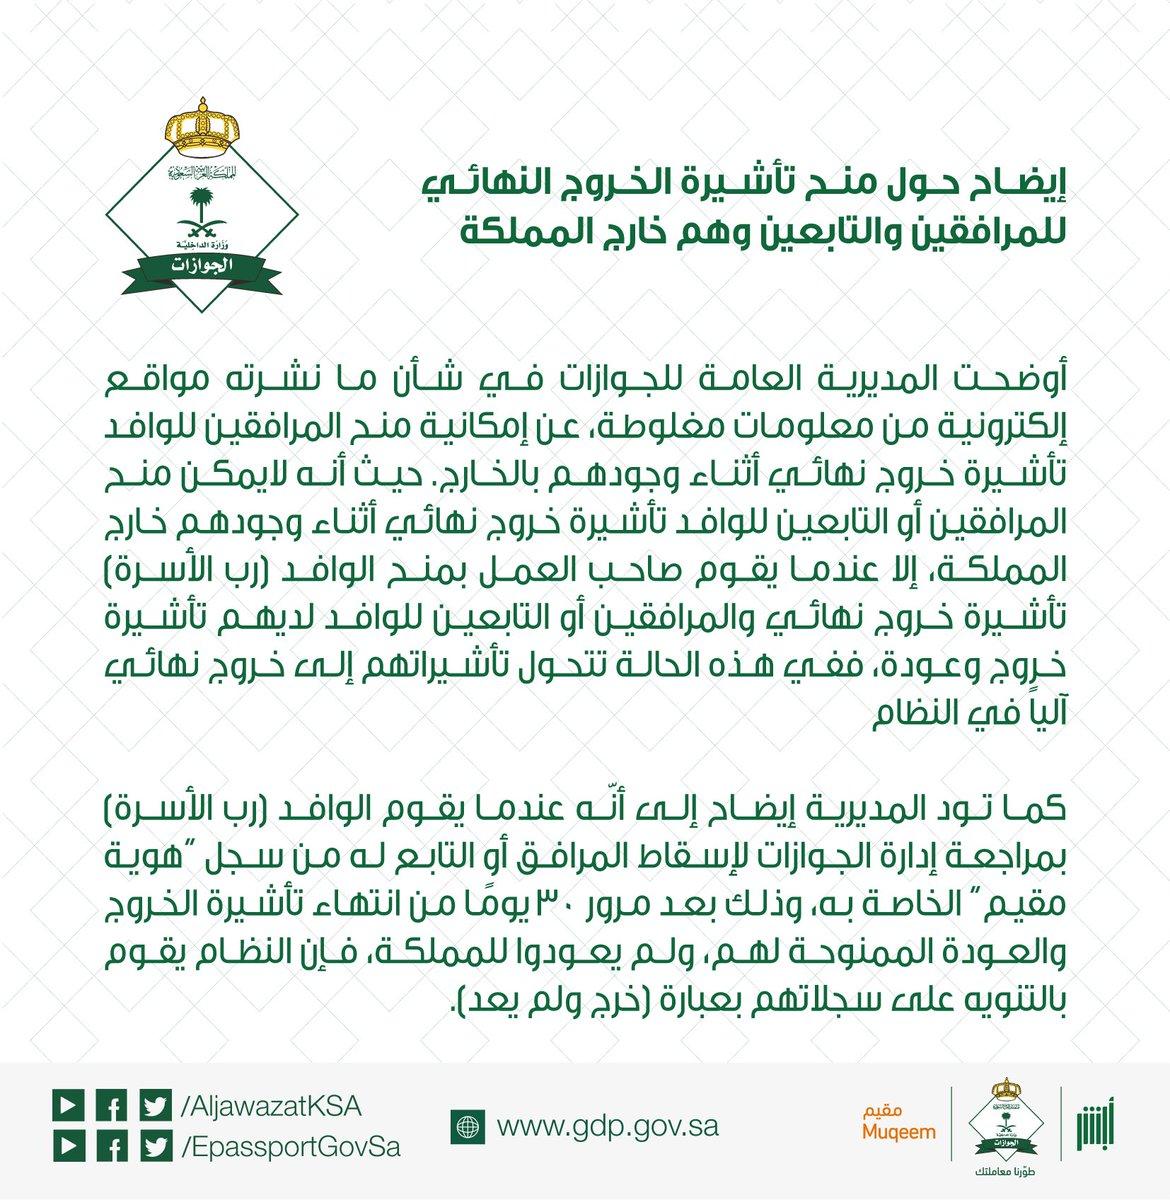 الجوازات السعودية On Twitter إيضاح حول منح تأشيرة الخروج النهائي للمرافقين والتابعين وهم خارج المملكة